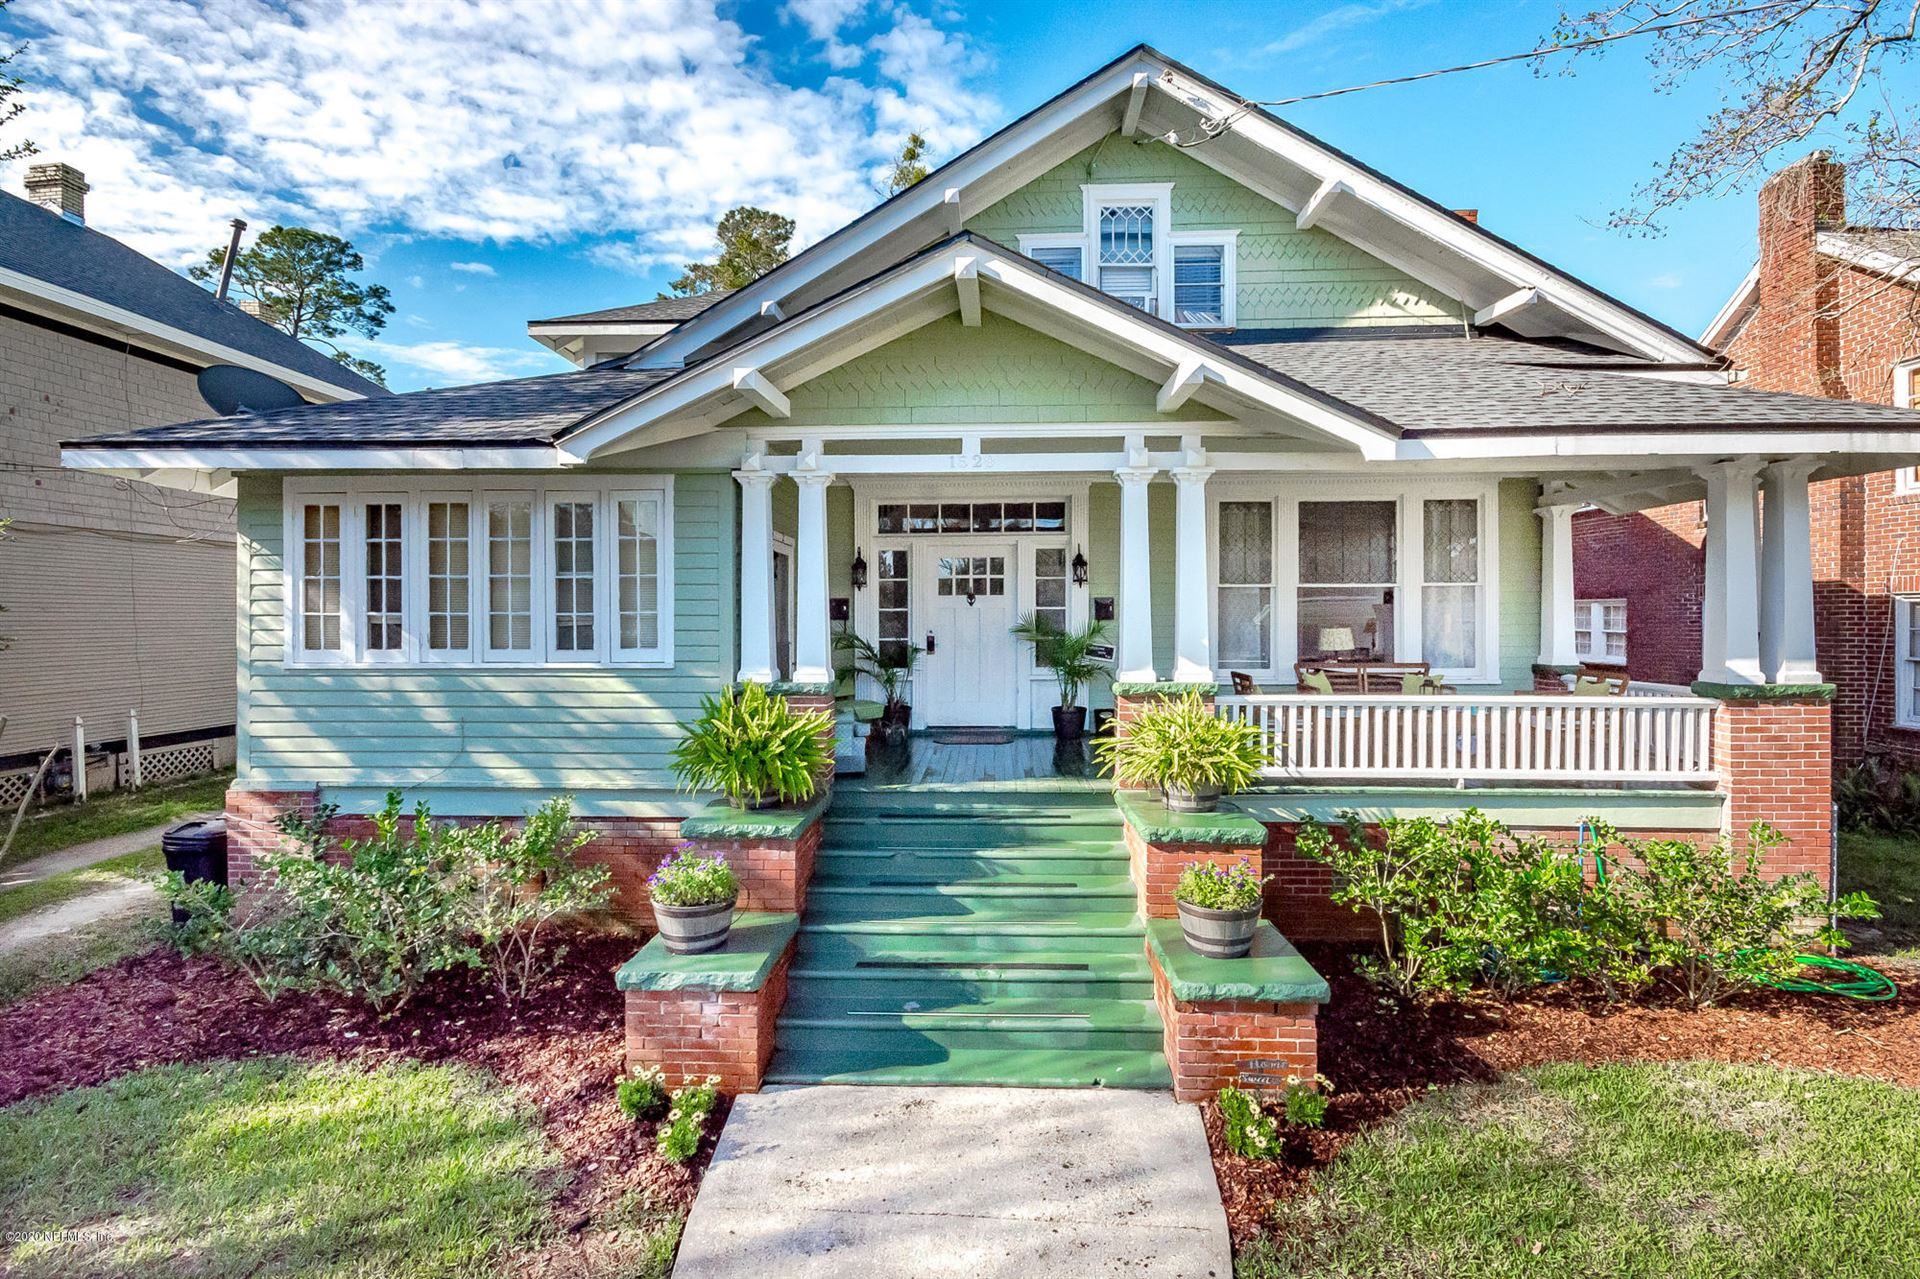 1520 DONALD ST, Jacksonville, FL 32205 - MLS#: 1039872